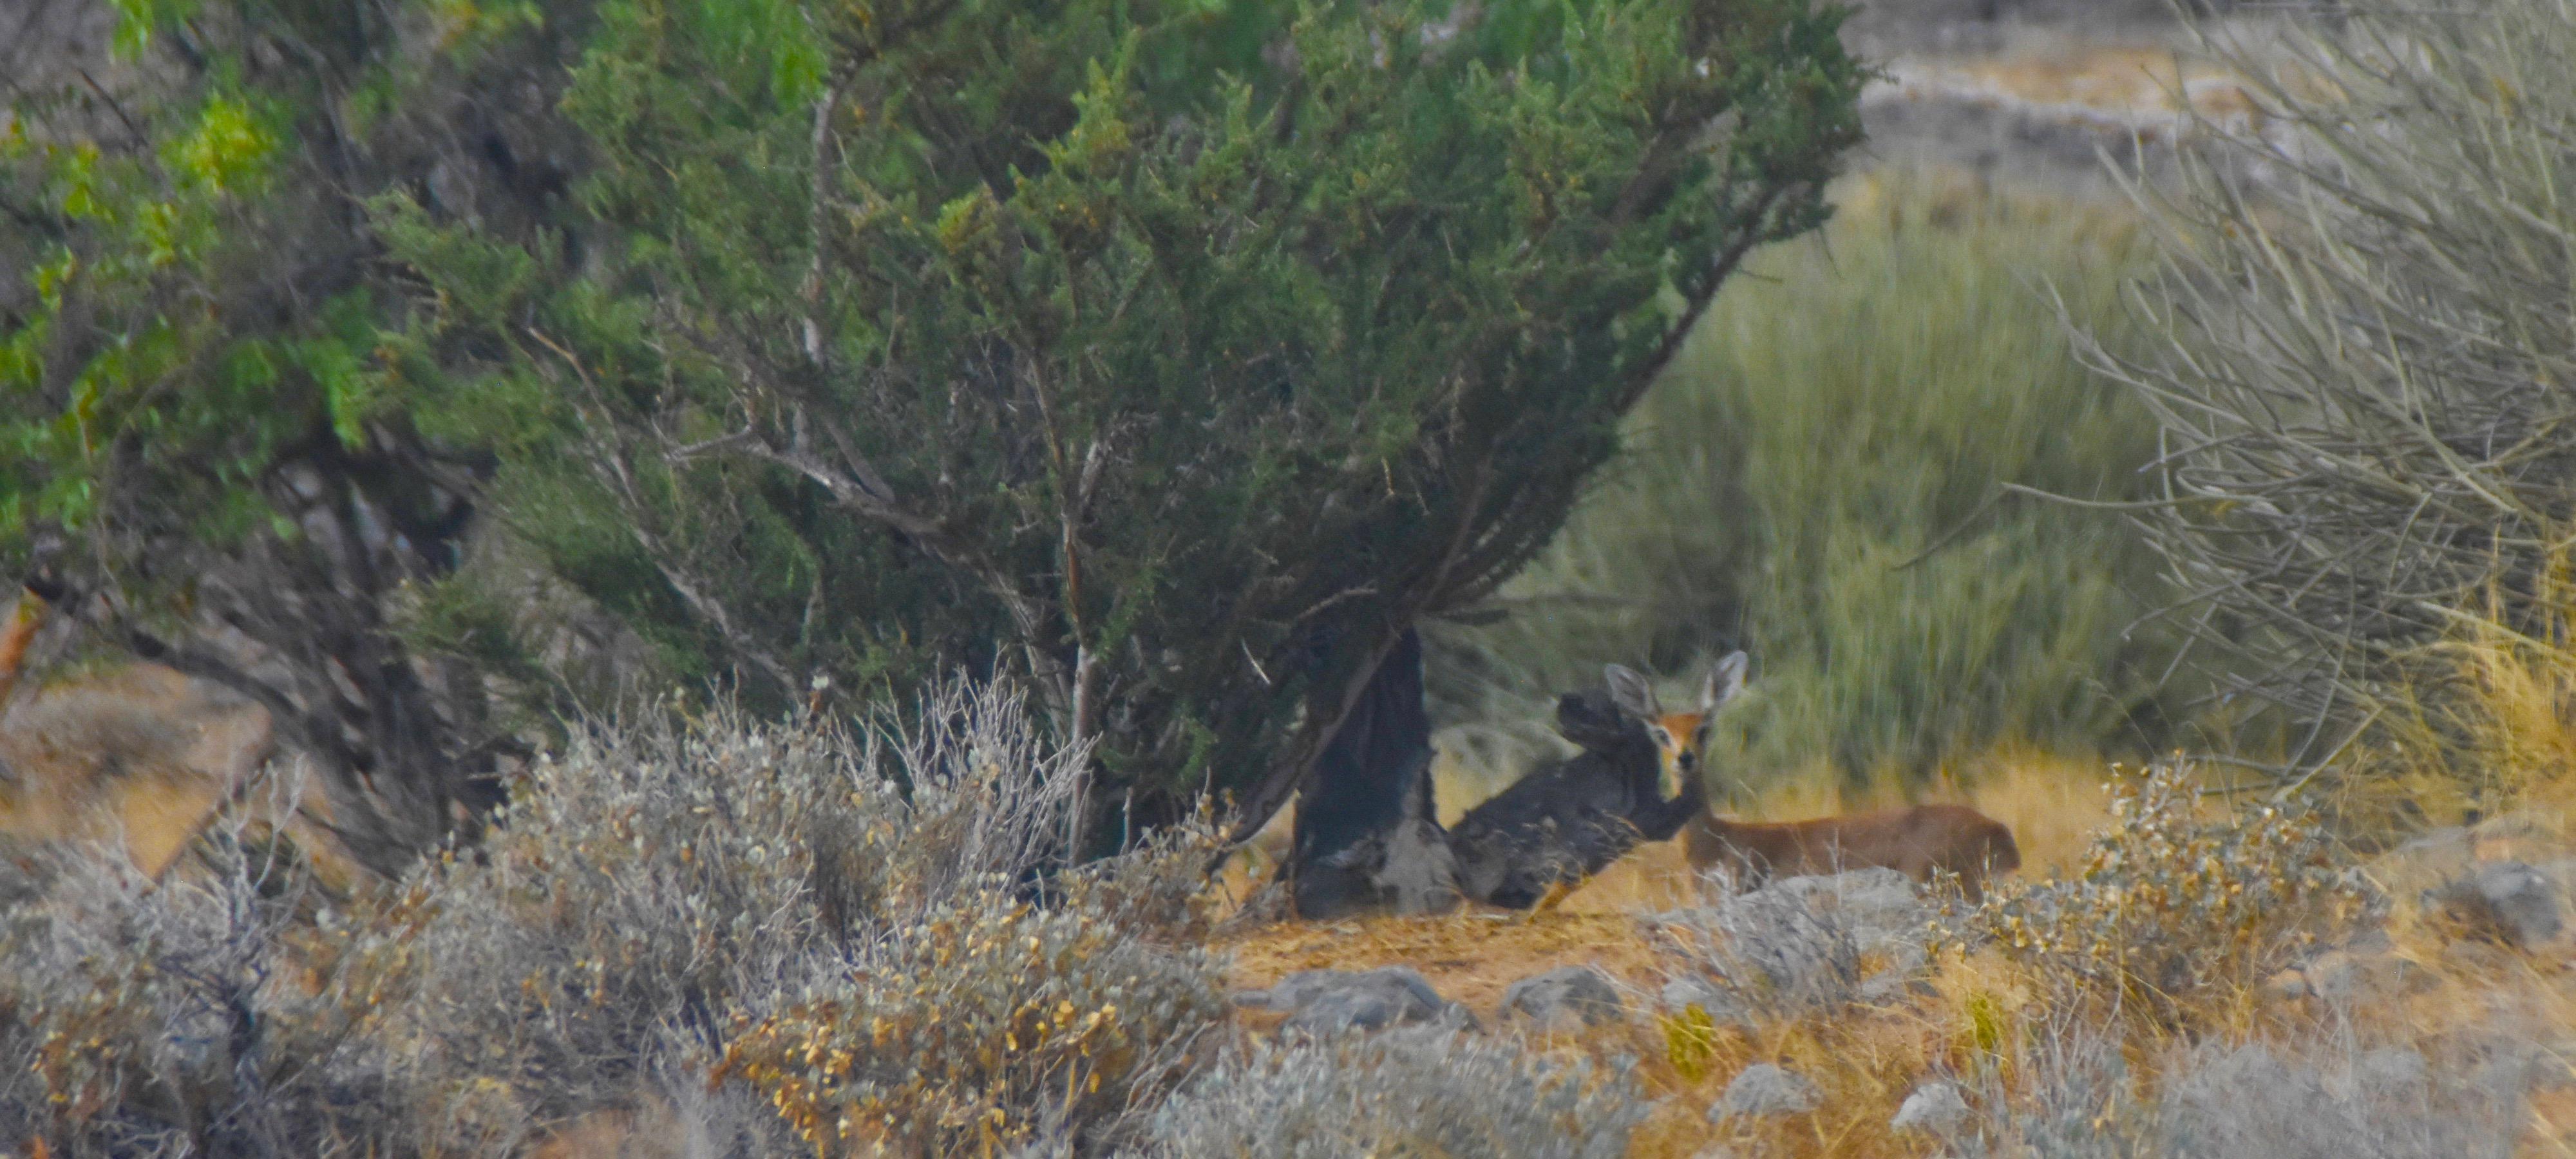 Steenbok, Damaraland